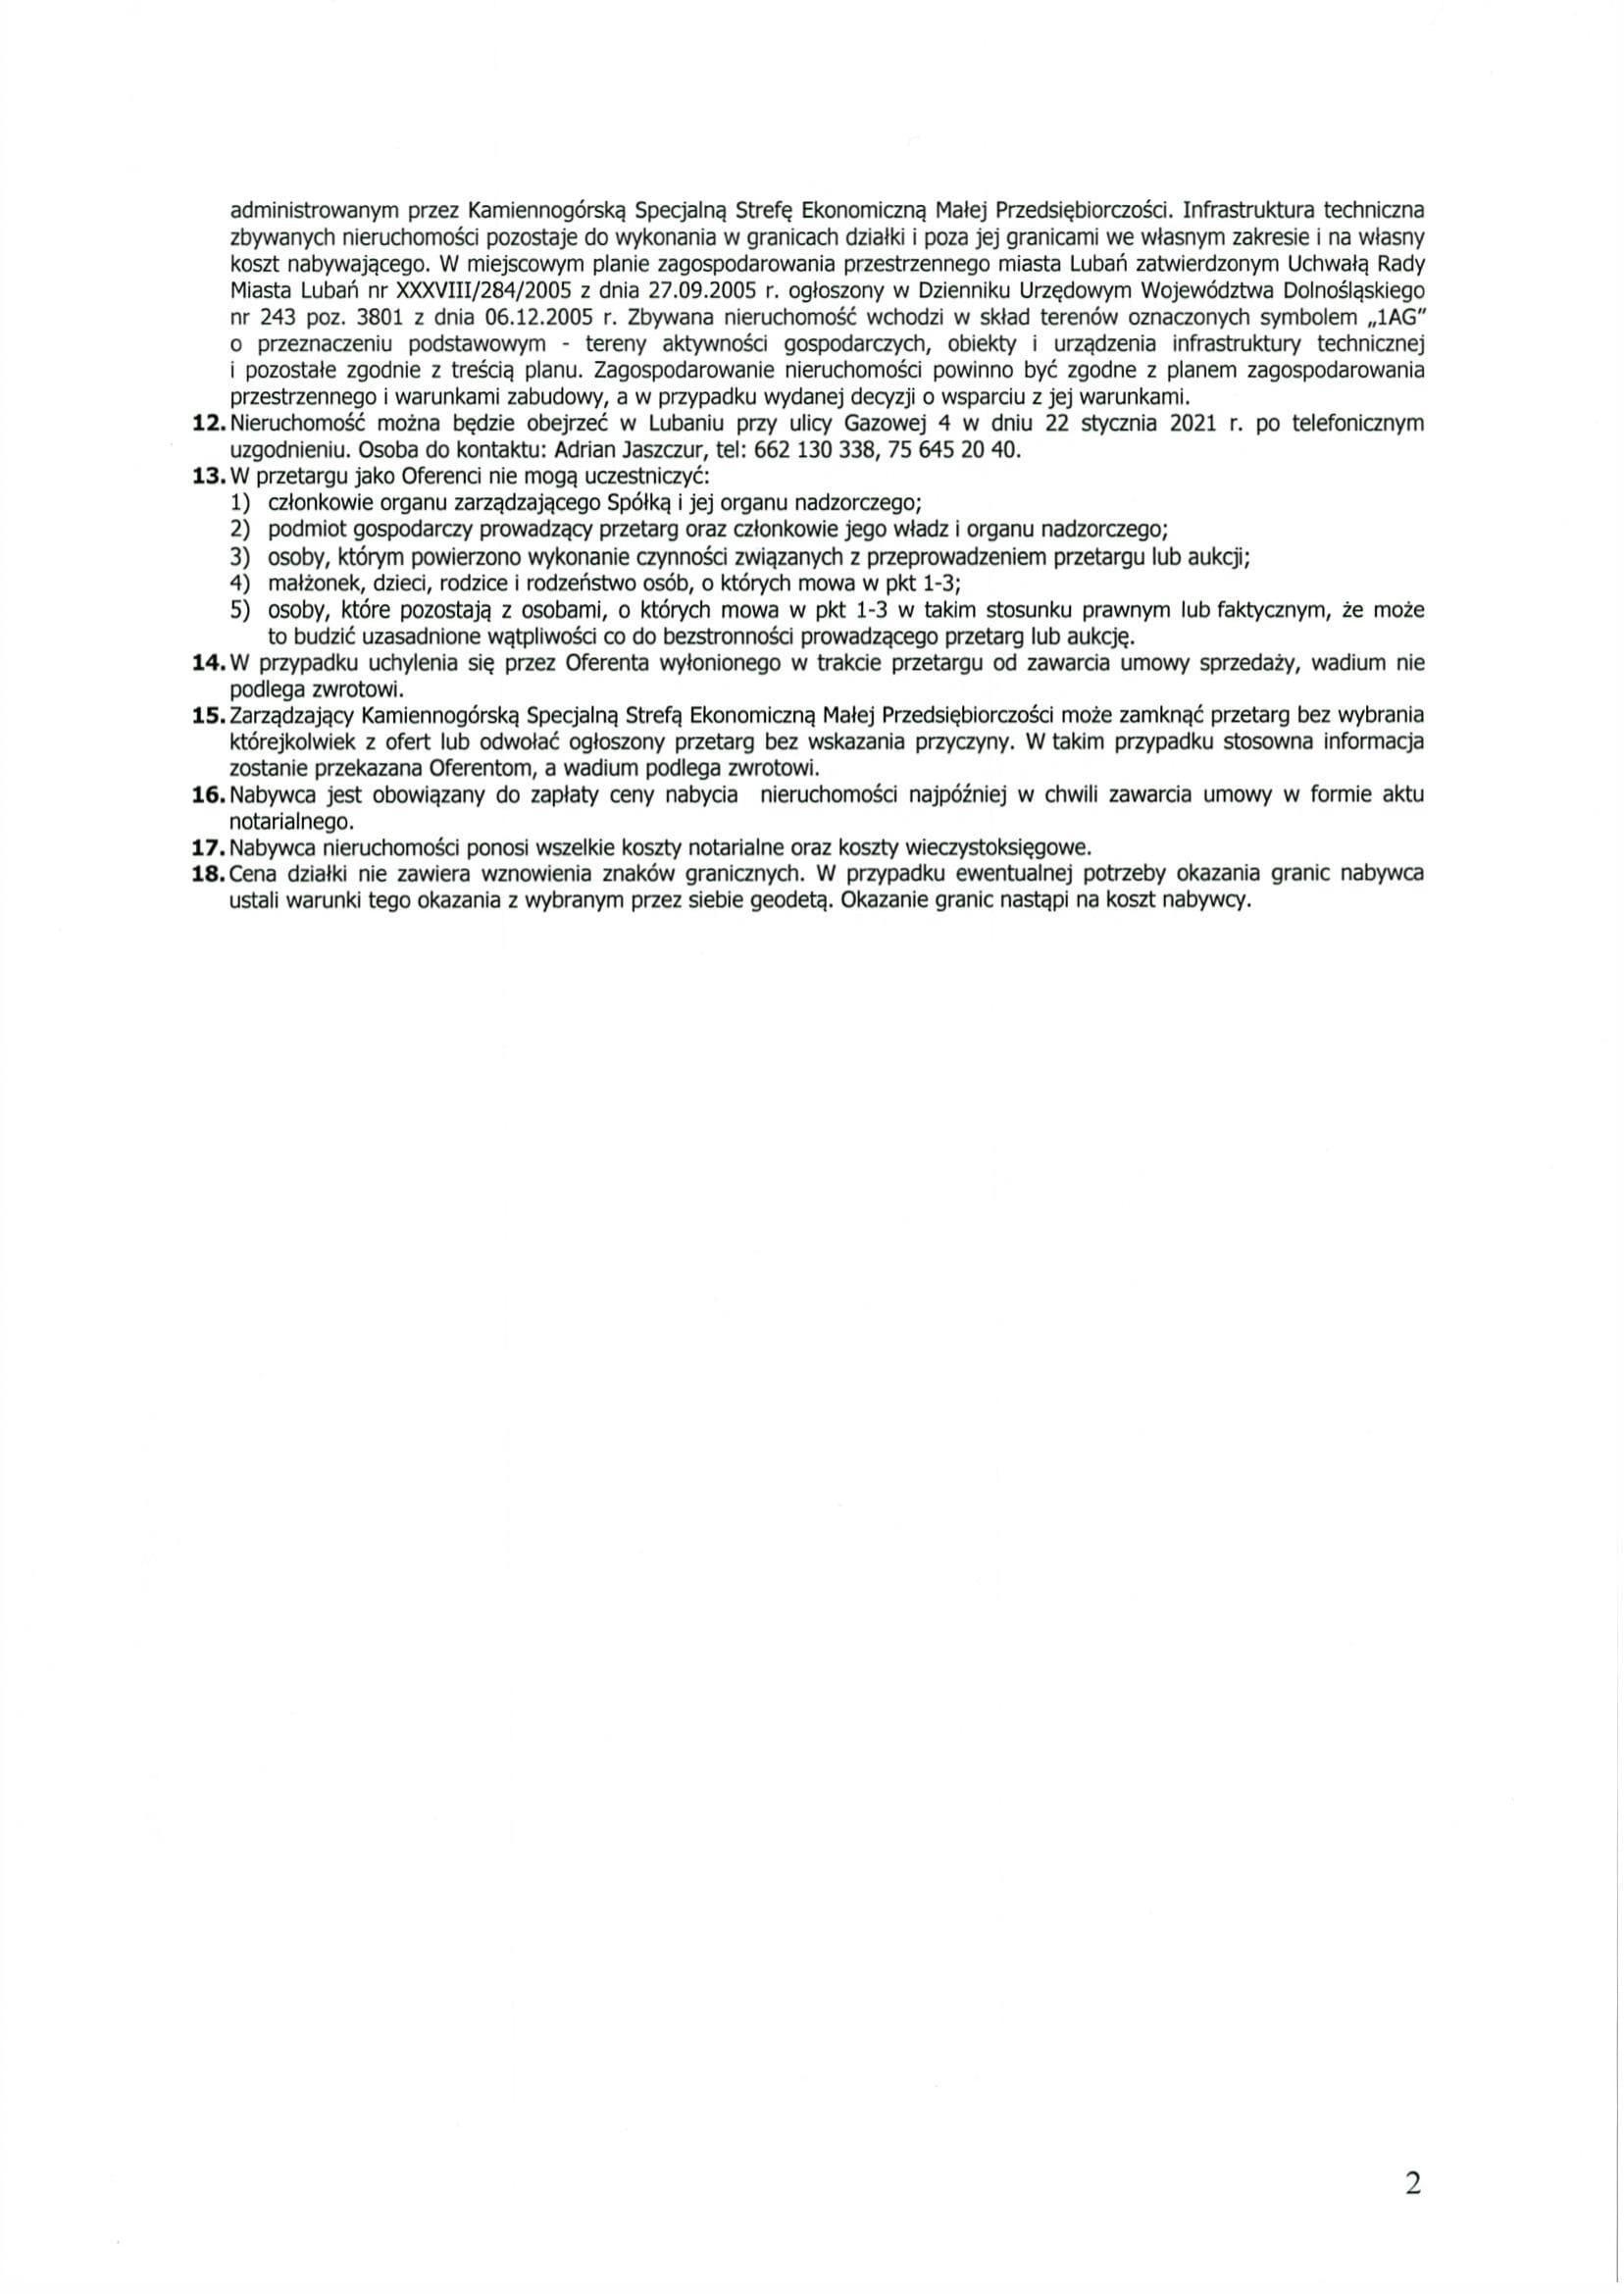 18.01.2021 - KSSEMP Ogłoszenie na zbycie nieruchomości w Lubaniu-2